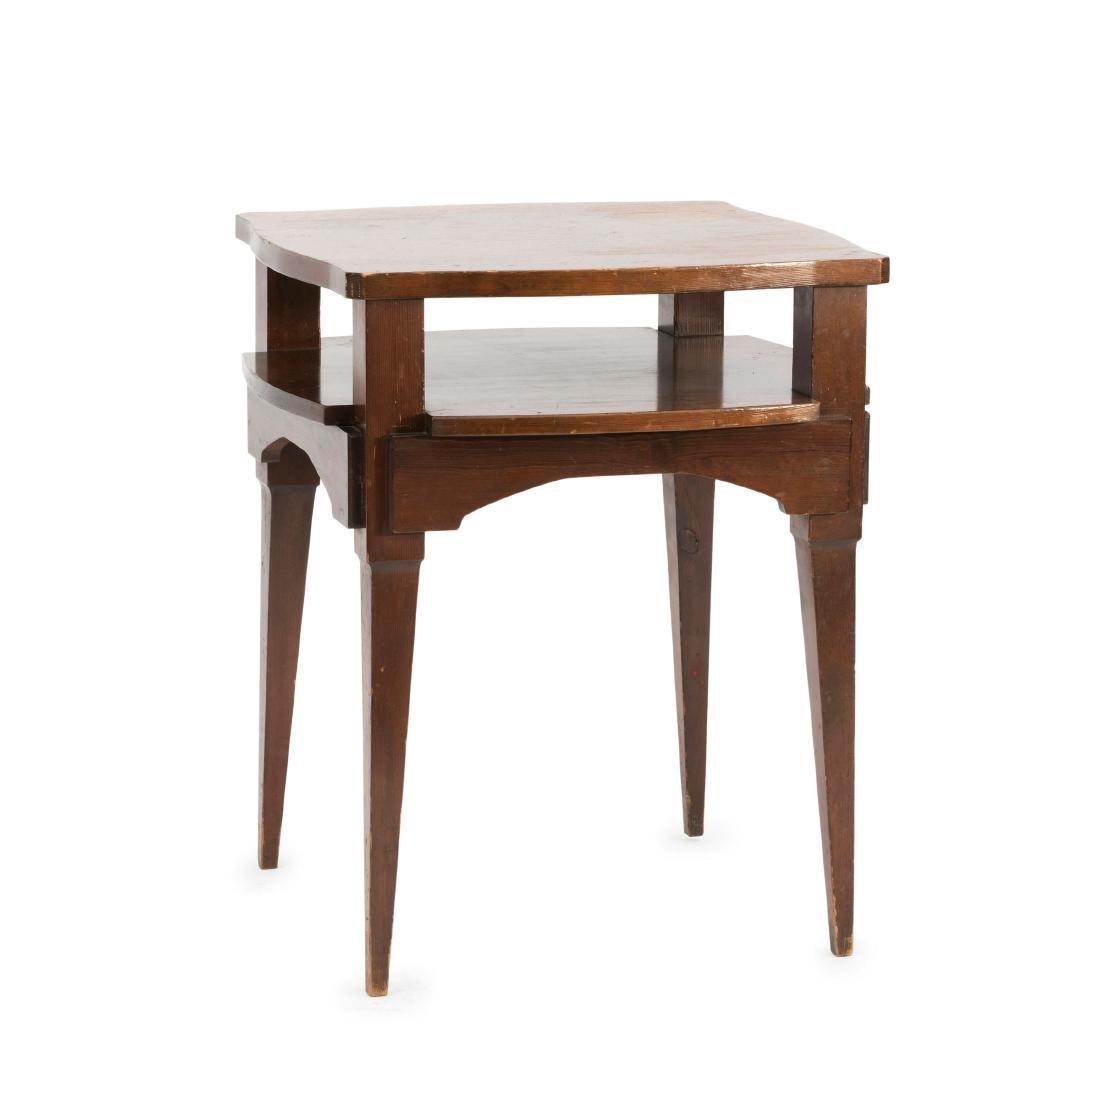 Tea table, c. 1903